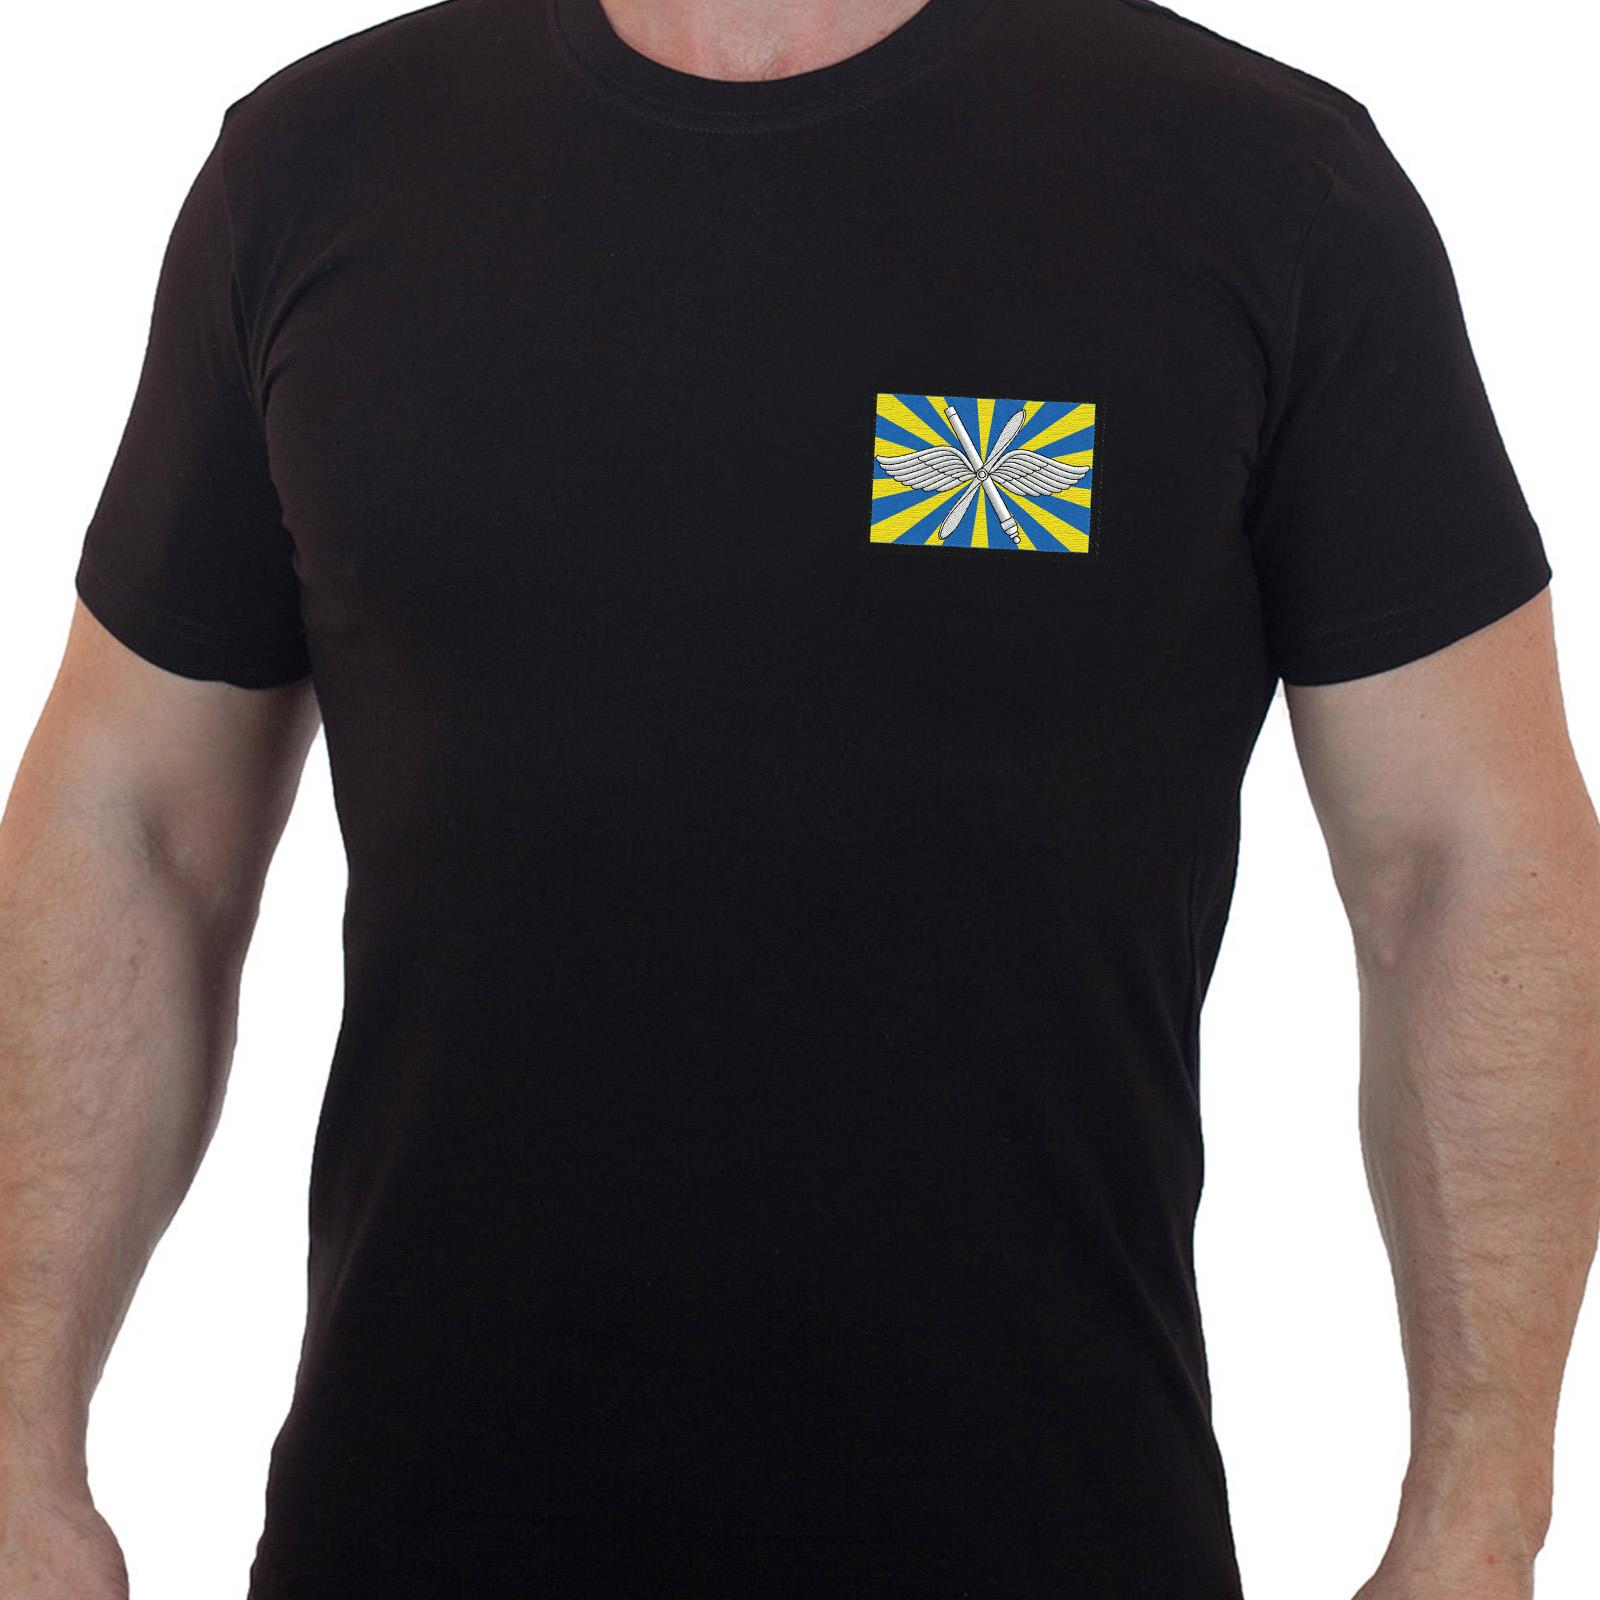 Черная мужская футболка с вышитым шевроном ВВС РФ